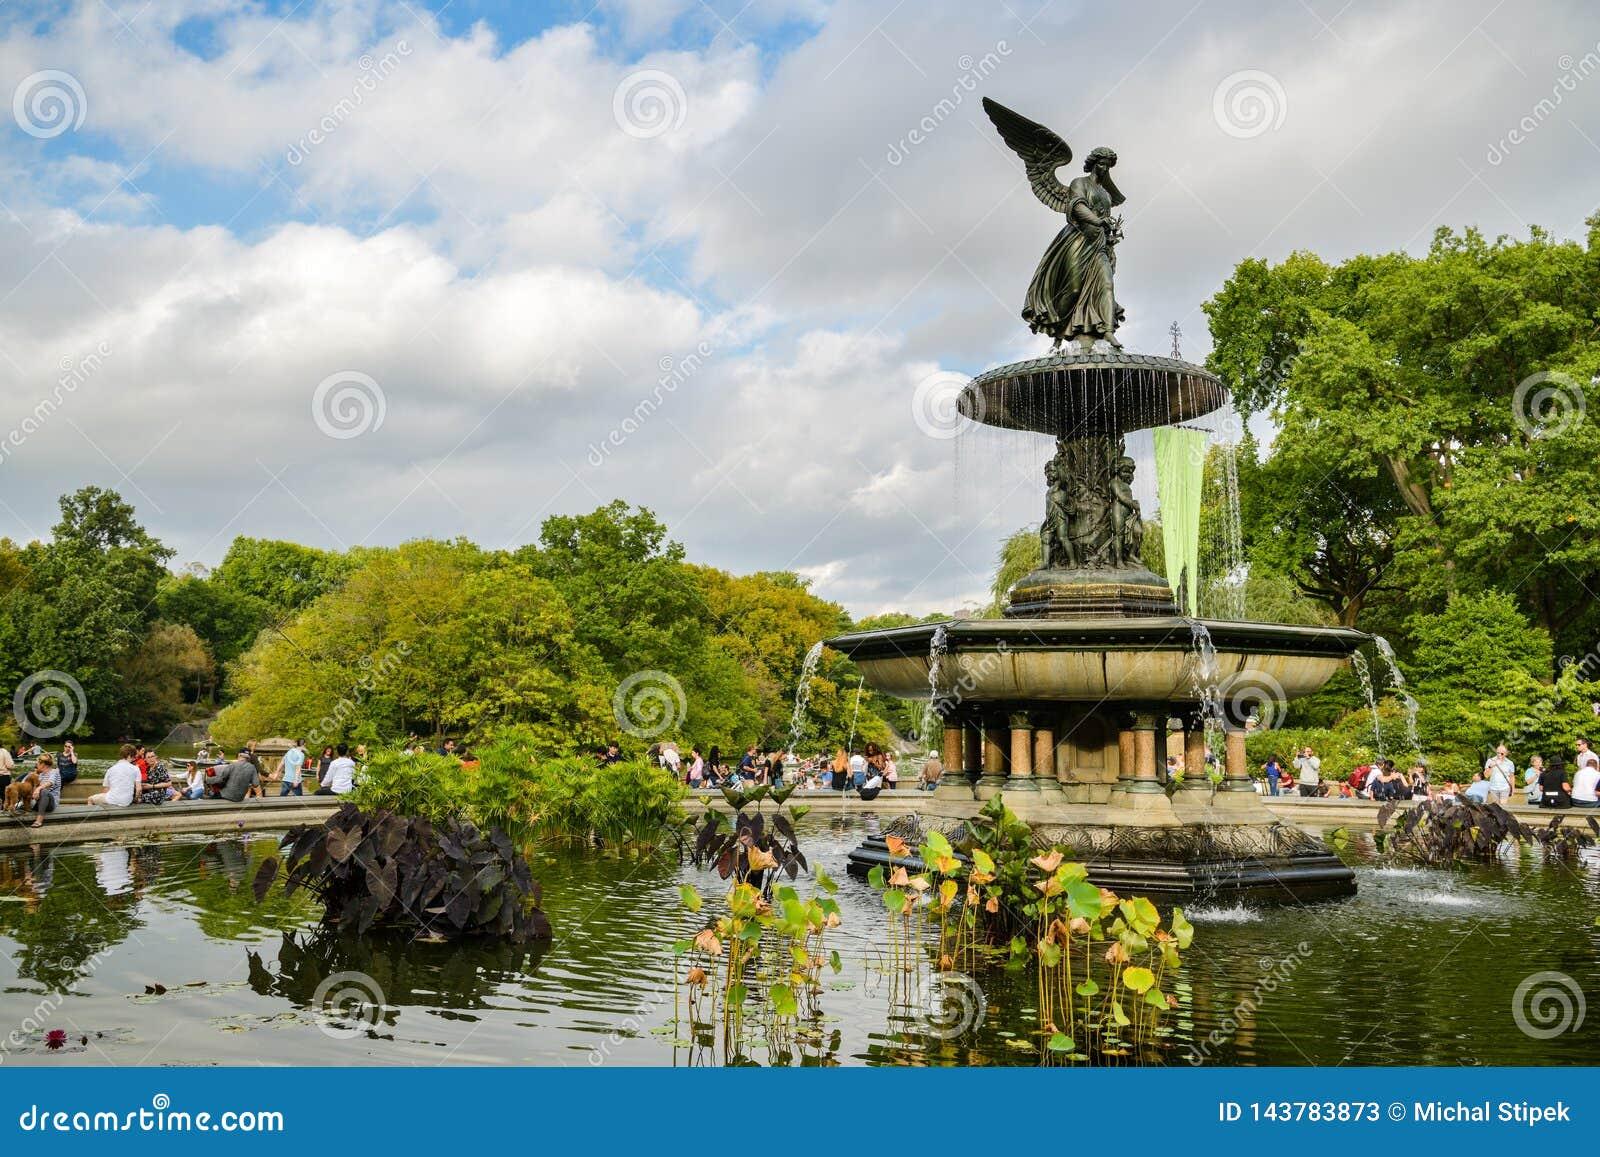 Άνθρωποι που απολαμβάνουν το χρόνο τους δίπλα στην πηγή Bethesda στο Central Park, πόλη της Νέας Υόρκης